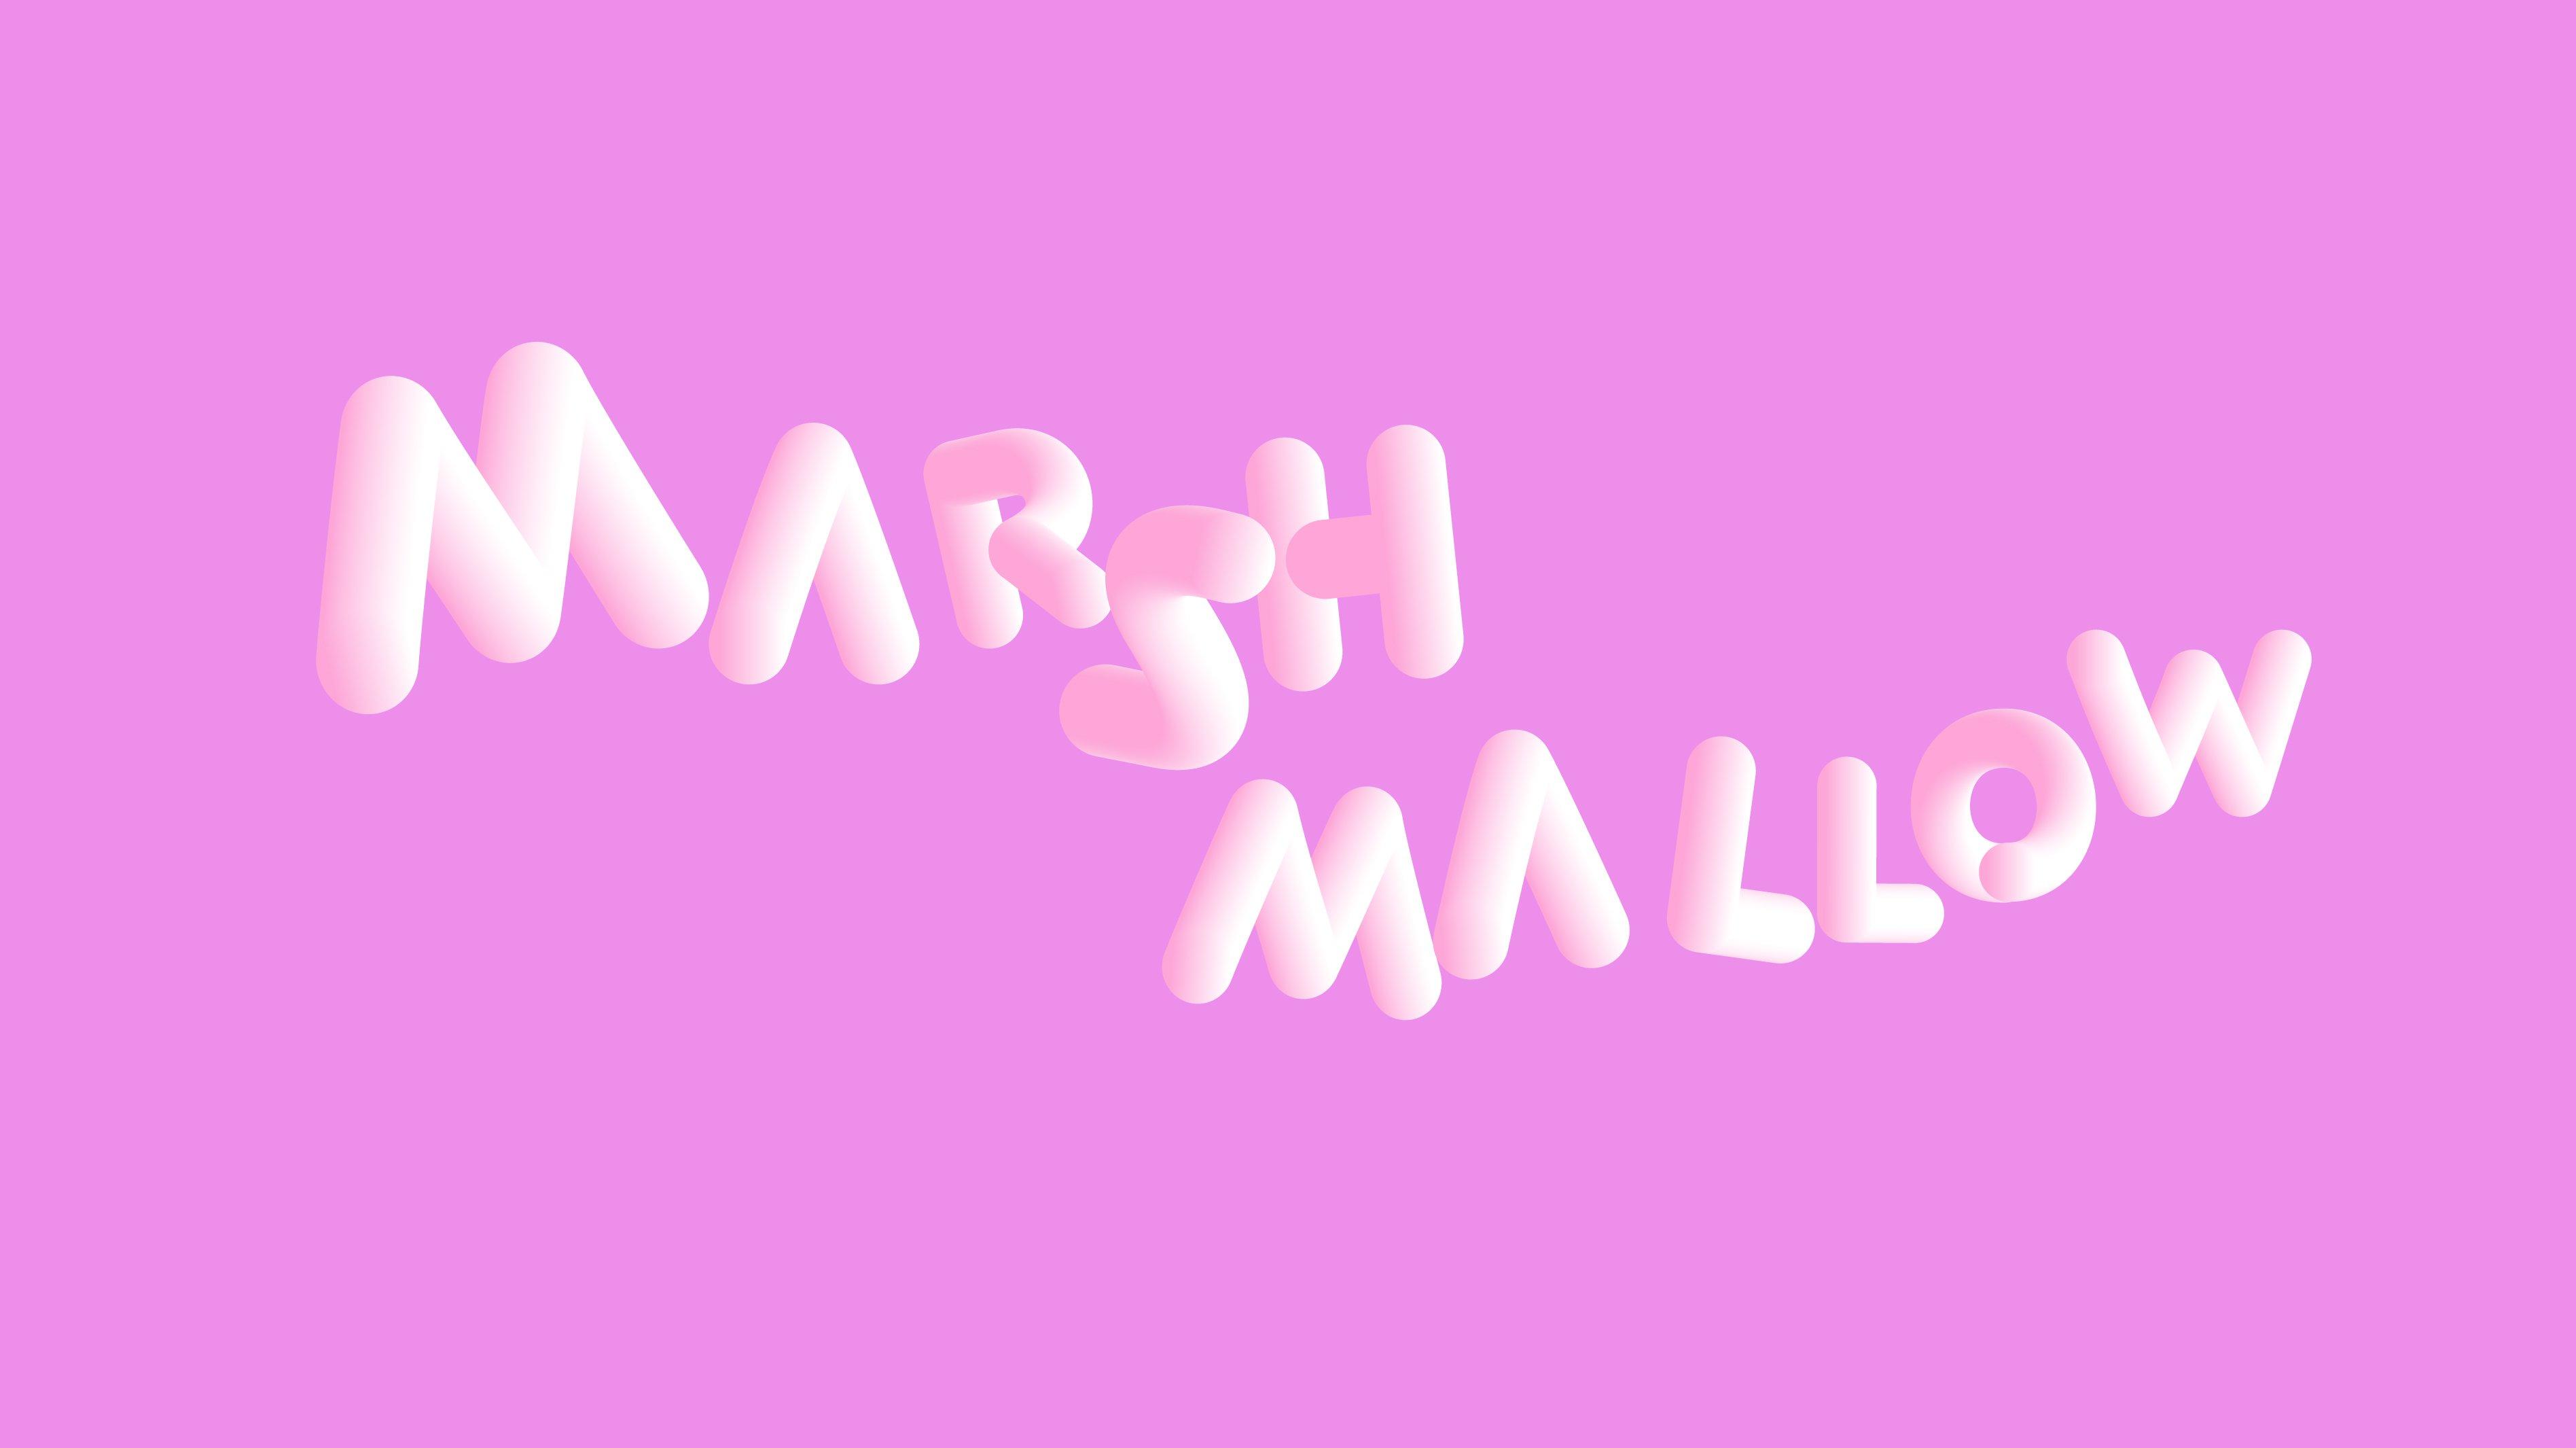 MARSHMALLOW SOFTA lettertype